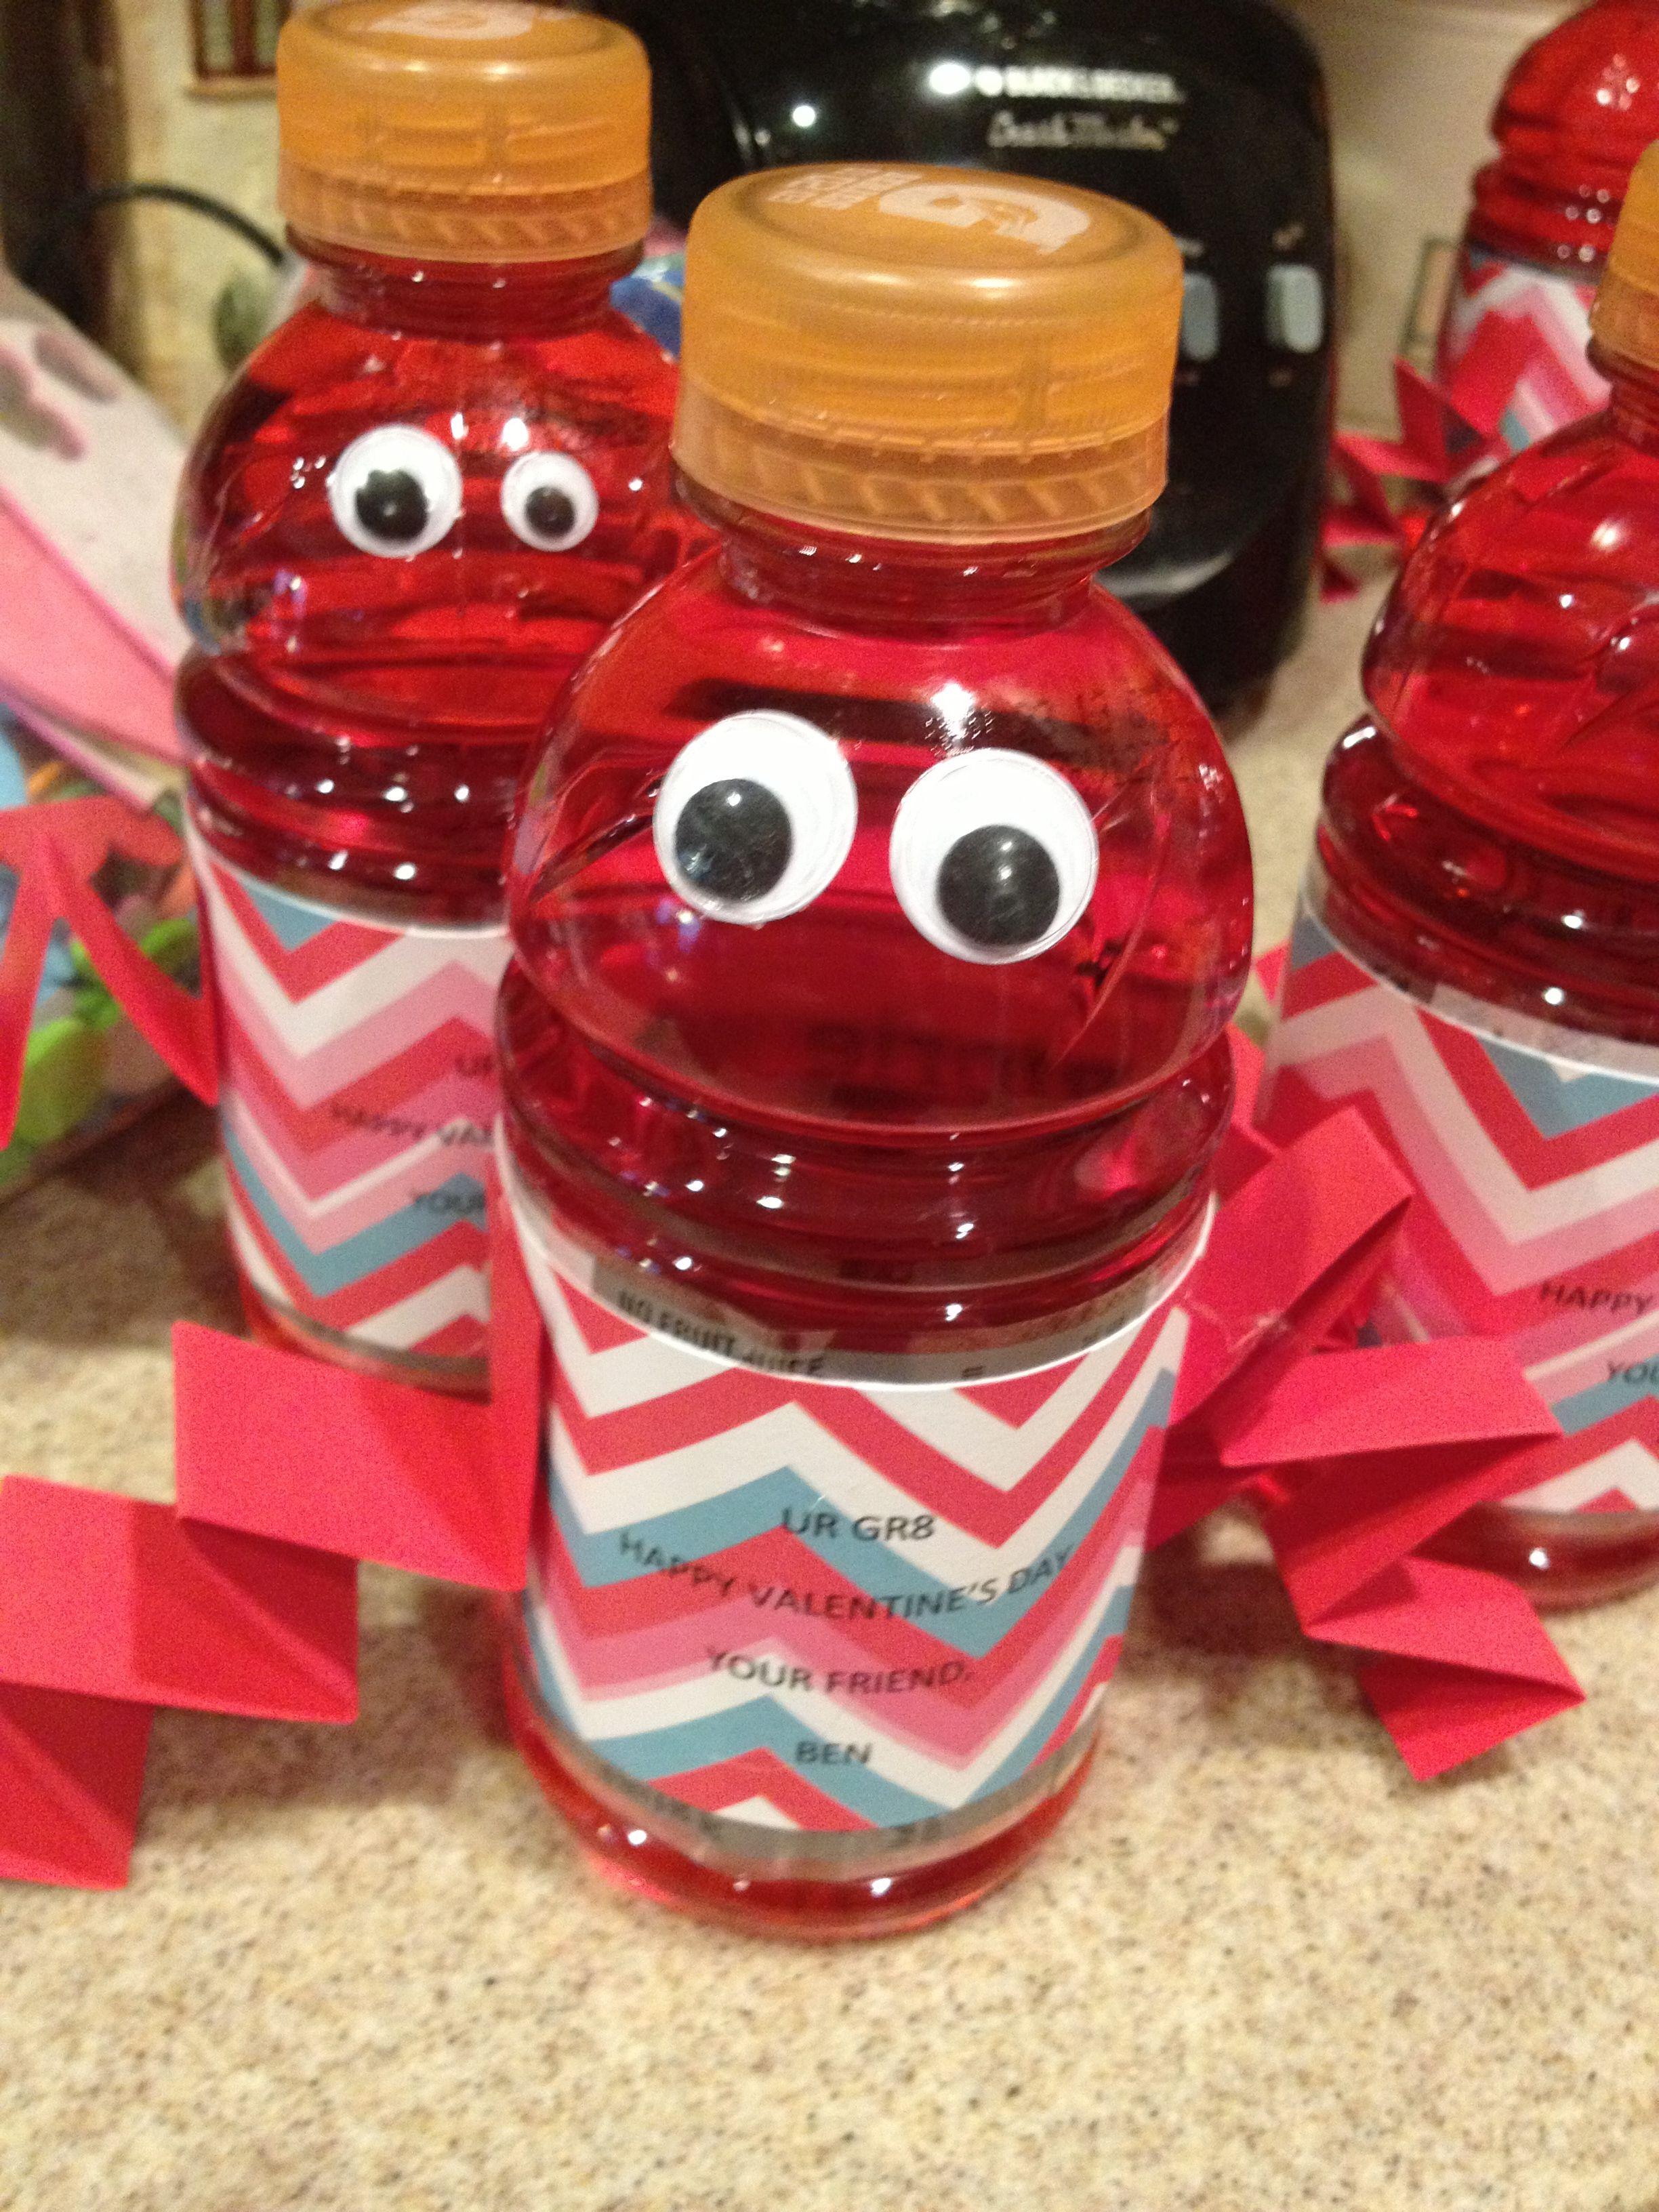 Fun Valentine Robots Bottles Of Red Gatorade